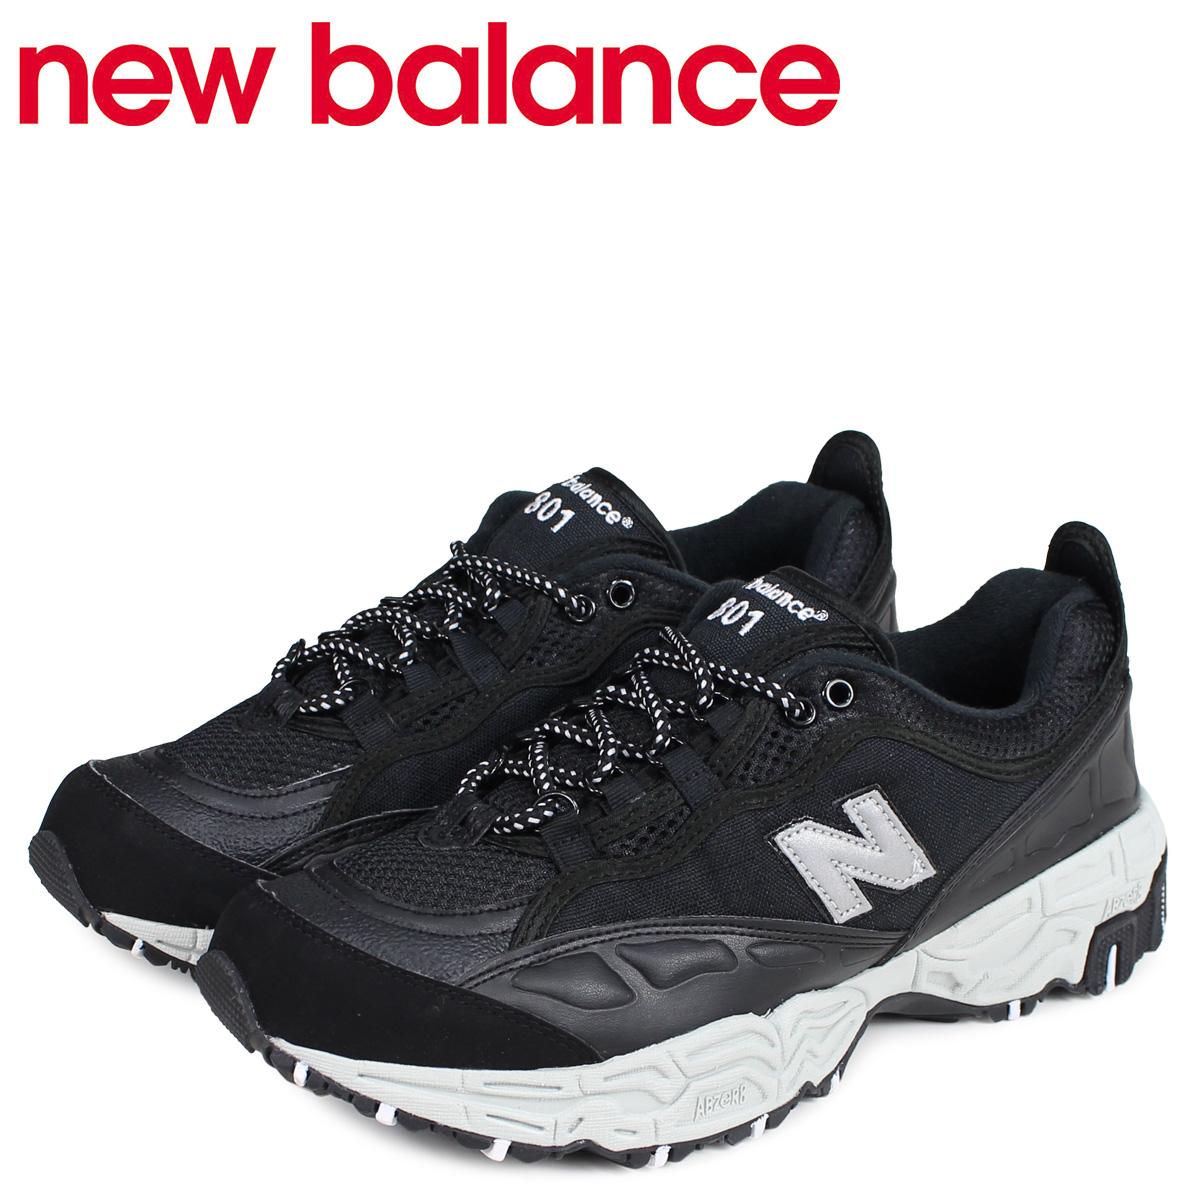 new balance ニューバランス 801 スニーカー メンズ Dワイズ ブラック 黒 ML801SA [4/3 新入荷]